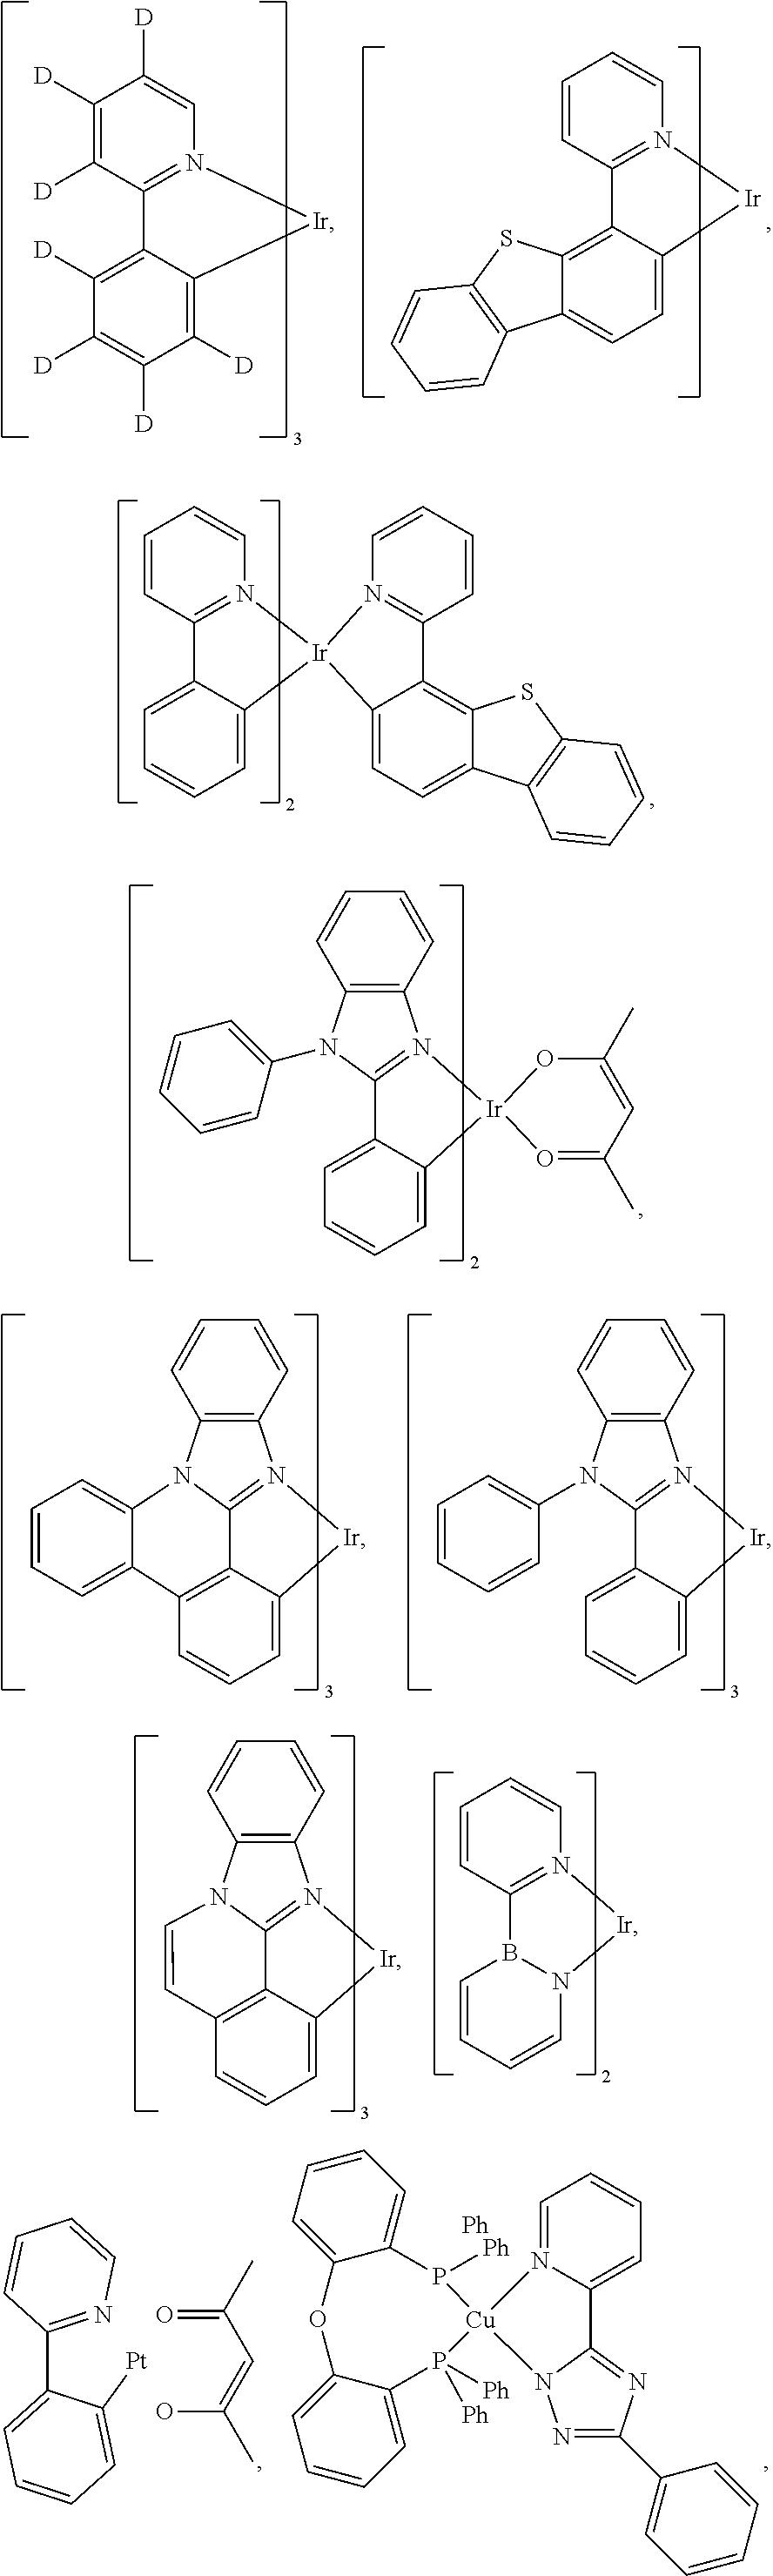 Figure US09929360-20180327-C00159